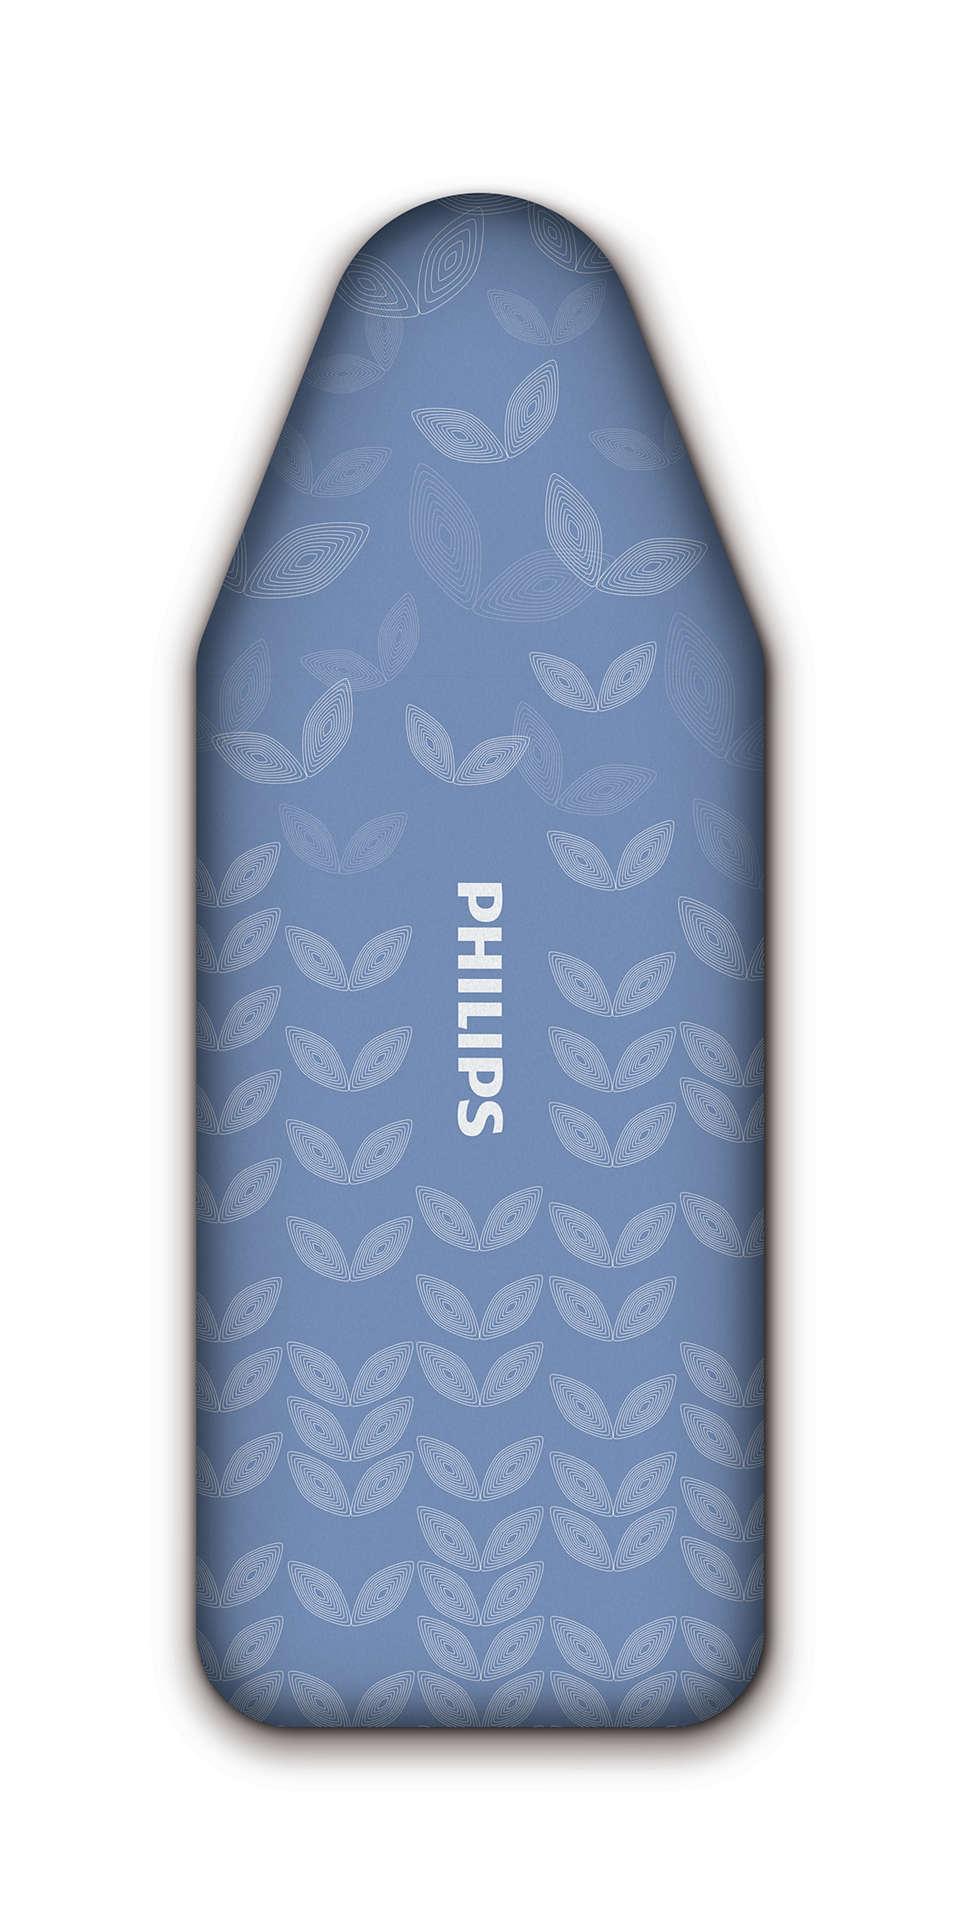 Roiskeenkestävä AquaBlock-päällinen